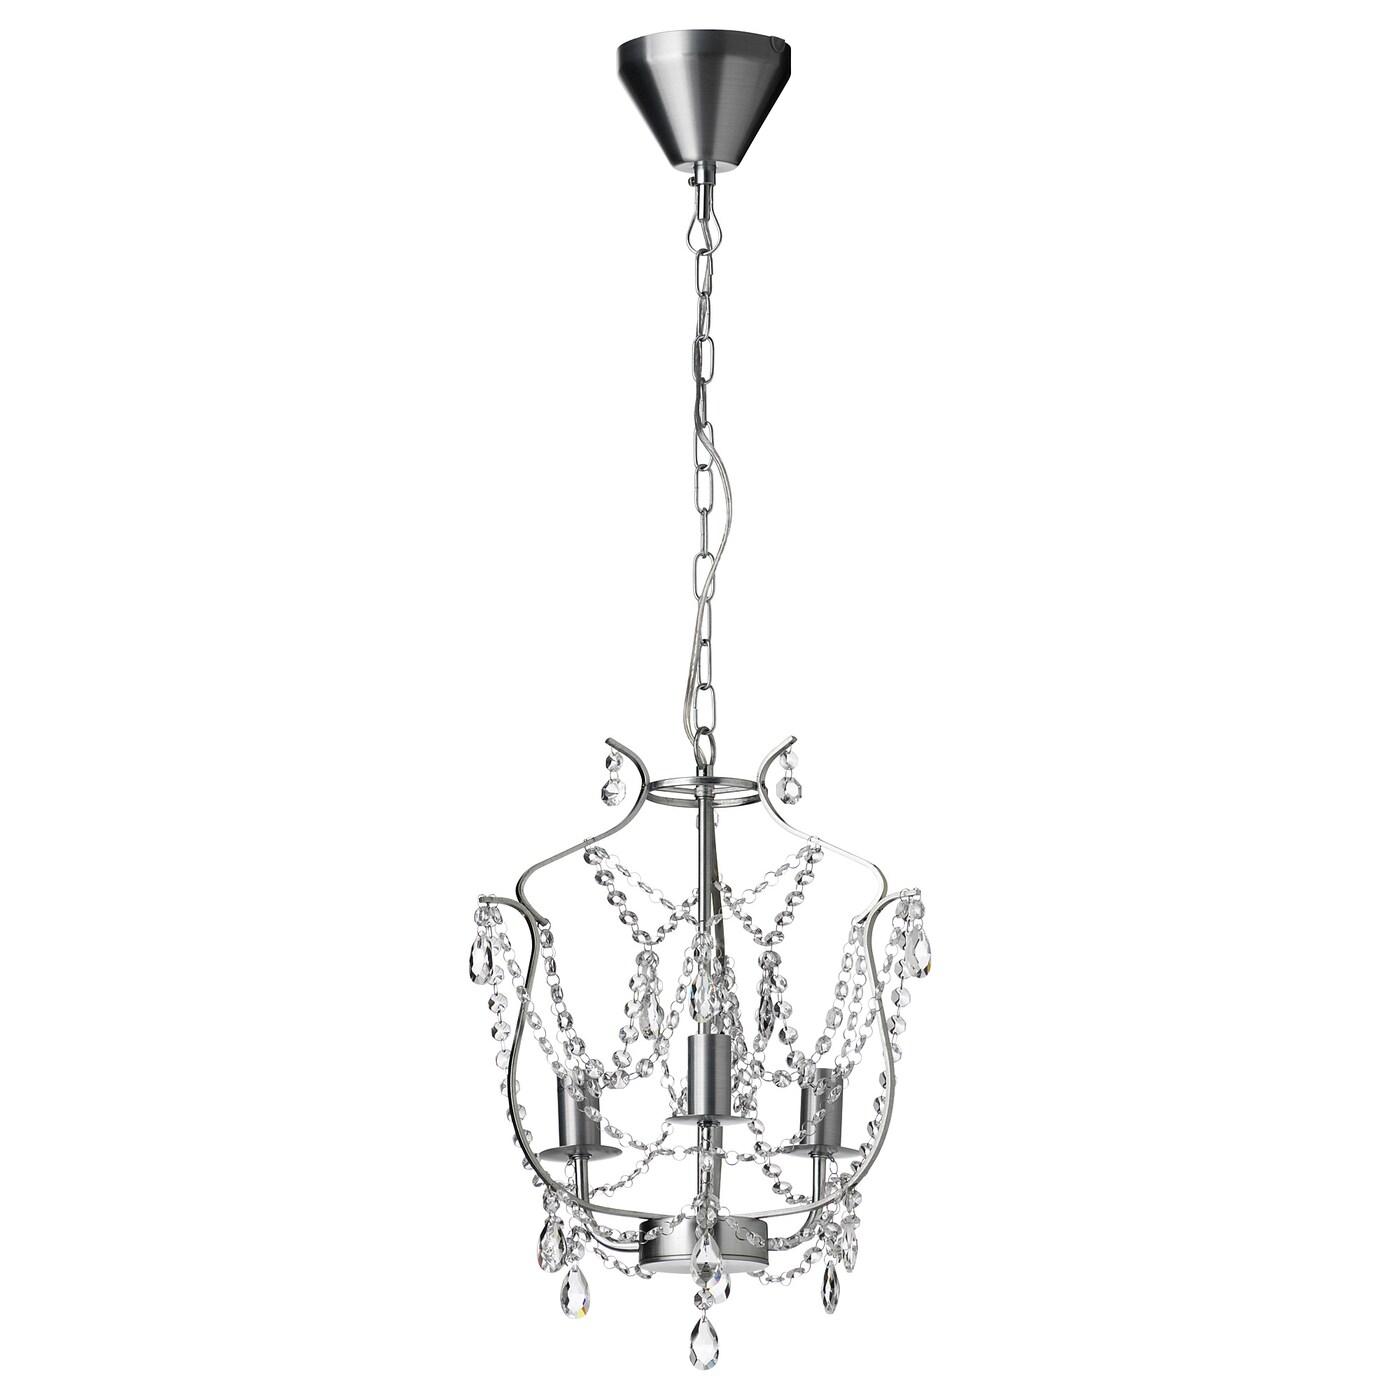 IKEA KRISTALLER srebrny żyrandol z trzema ramionami ze szklanymi zdobieniami